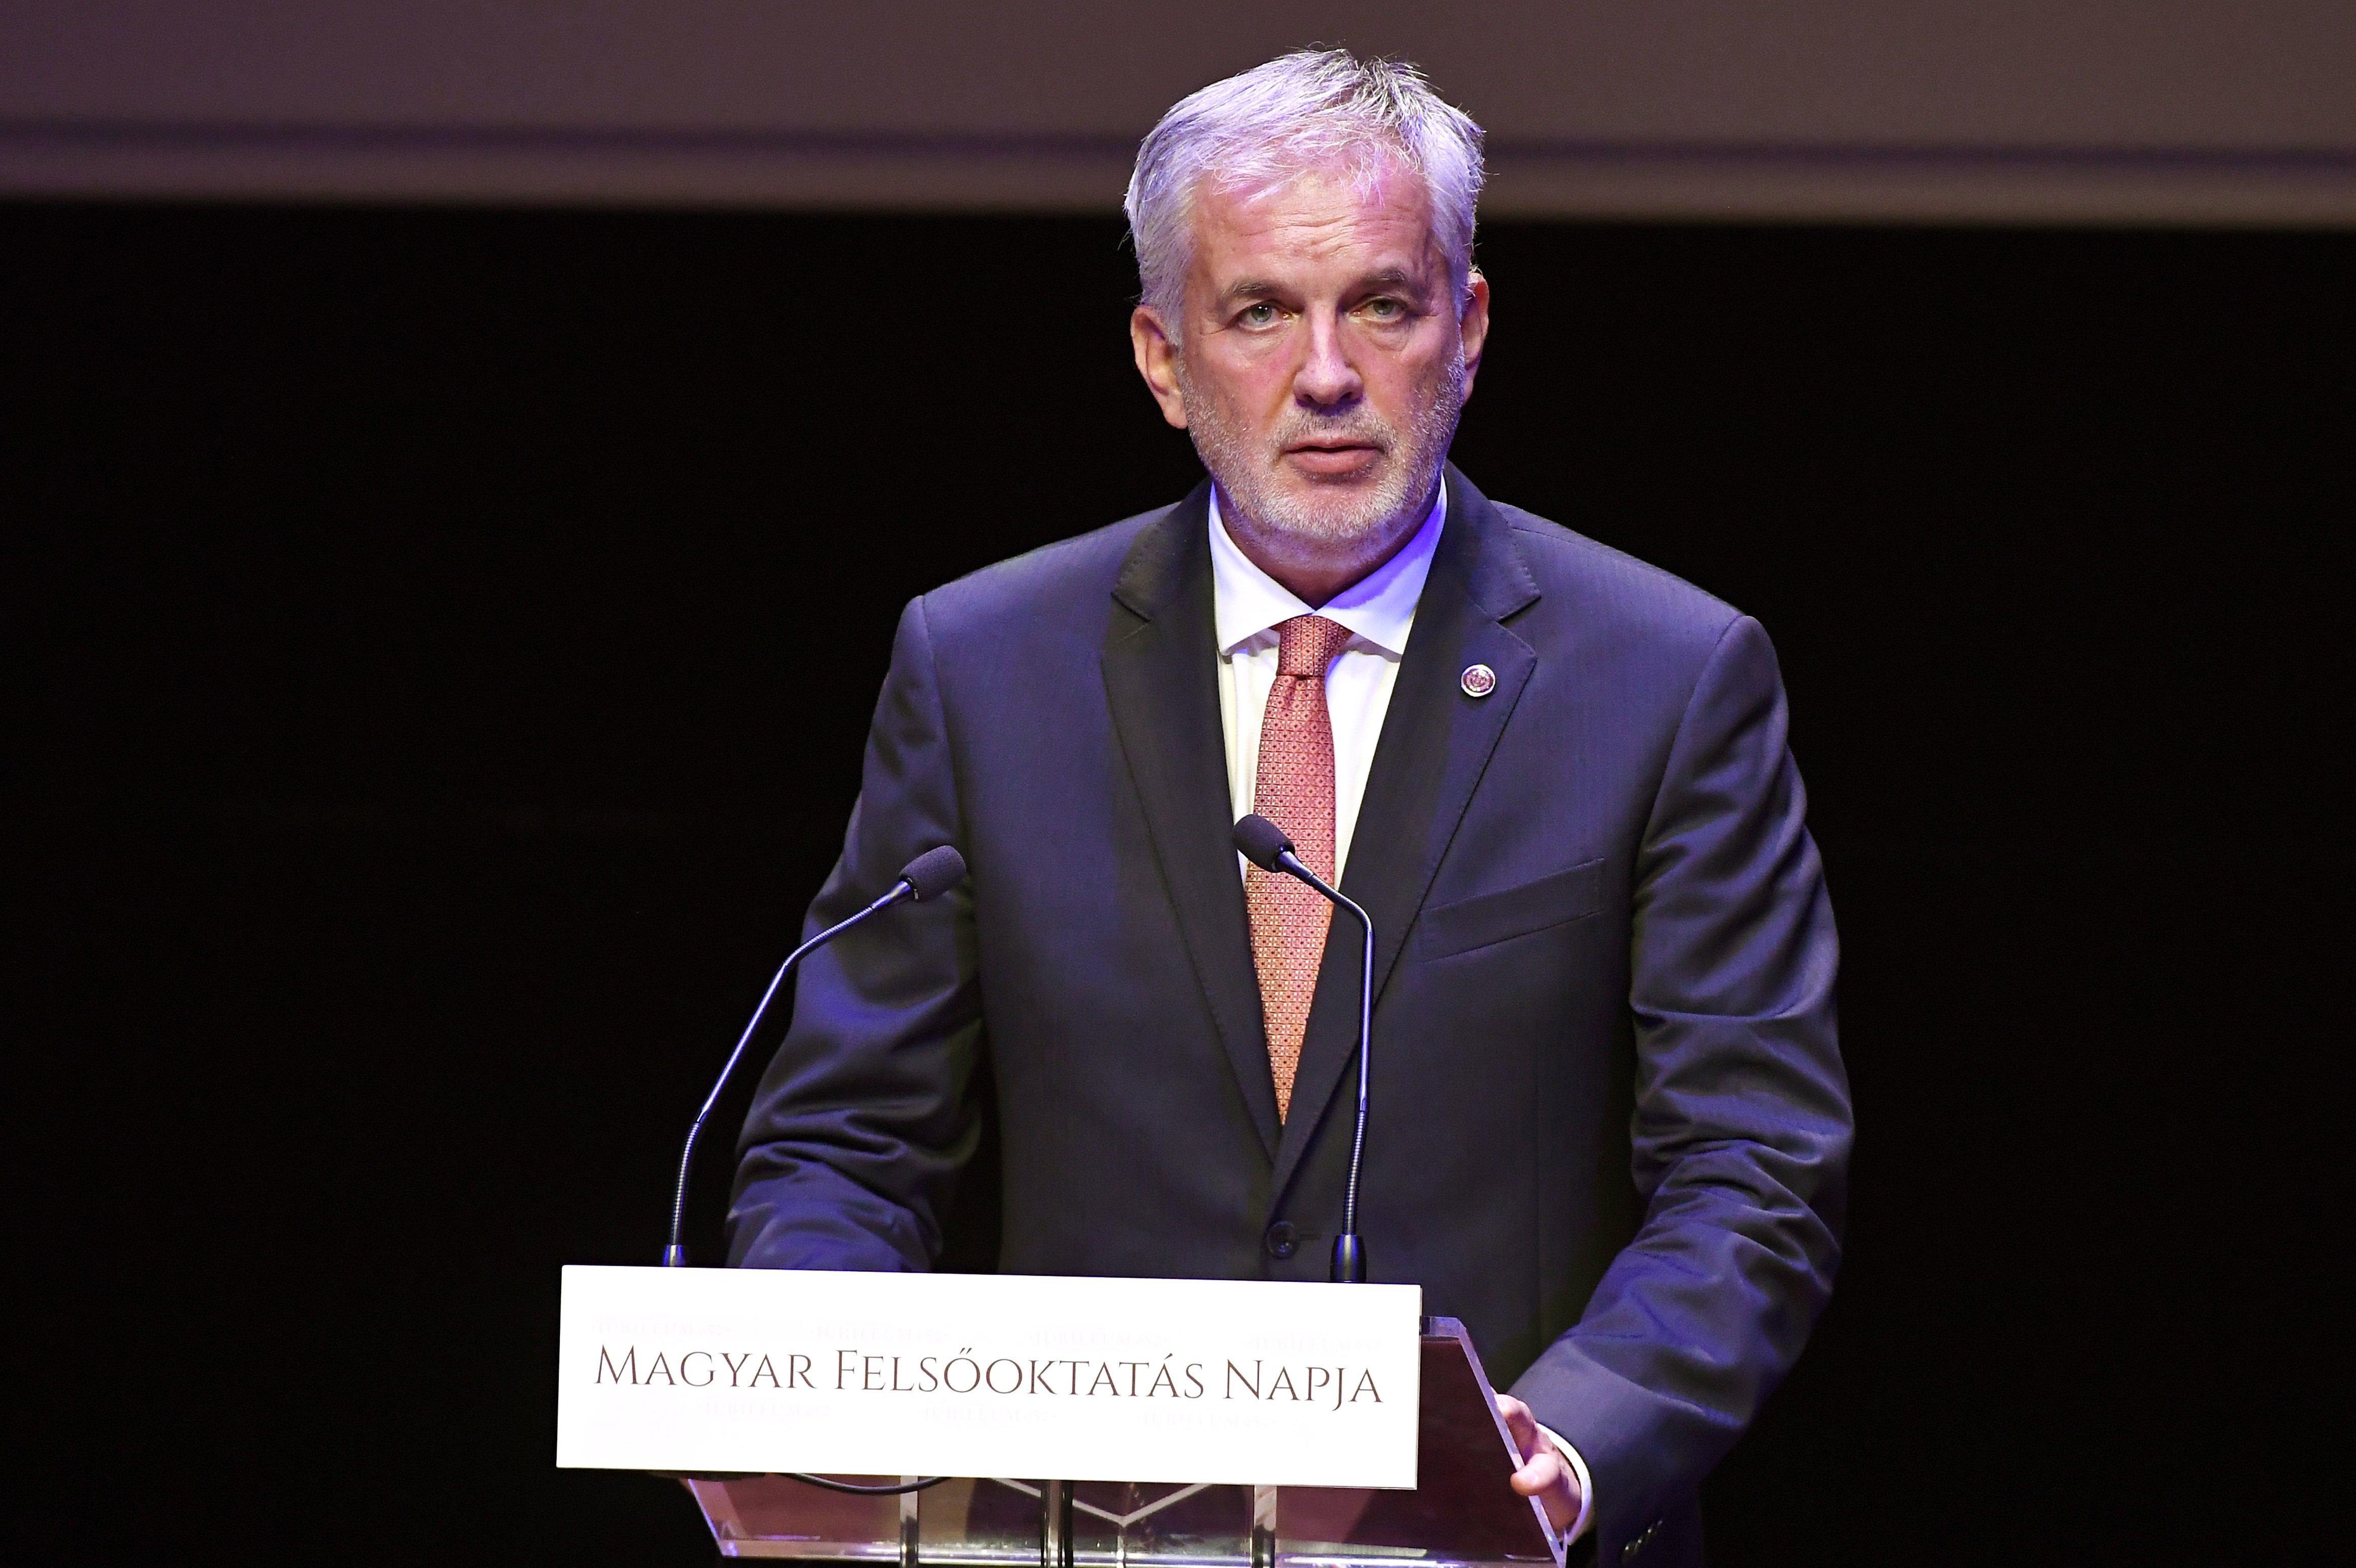 7 milliárdos többlet helyett 23 milliárd forint adósággal adta át a fideszes vezetés Pécs önkormányzatát